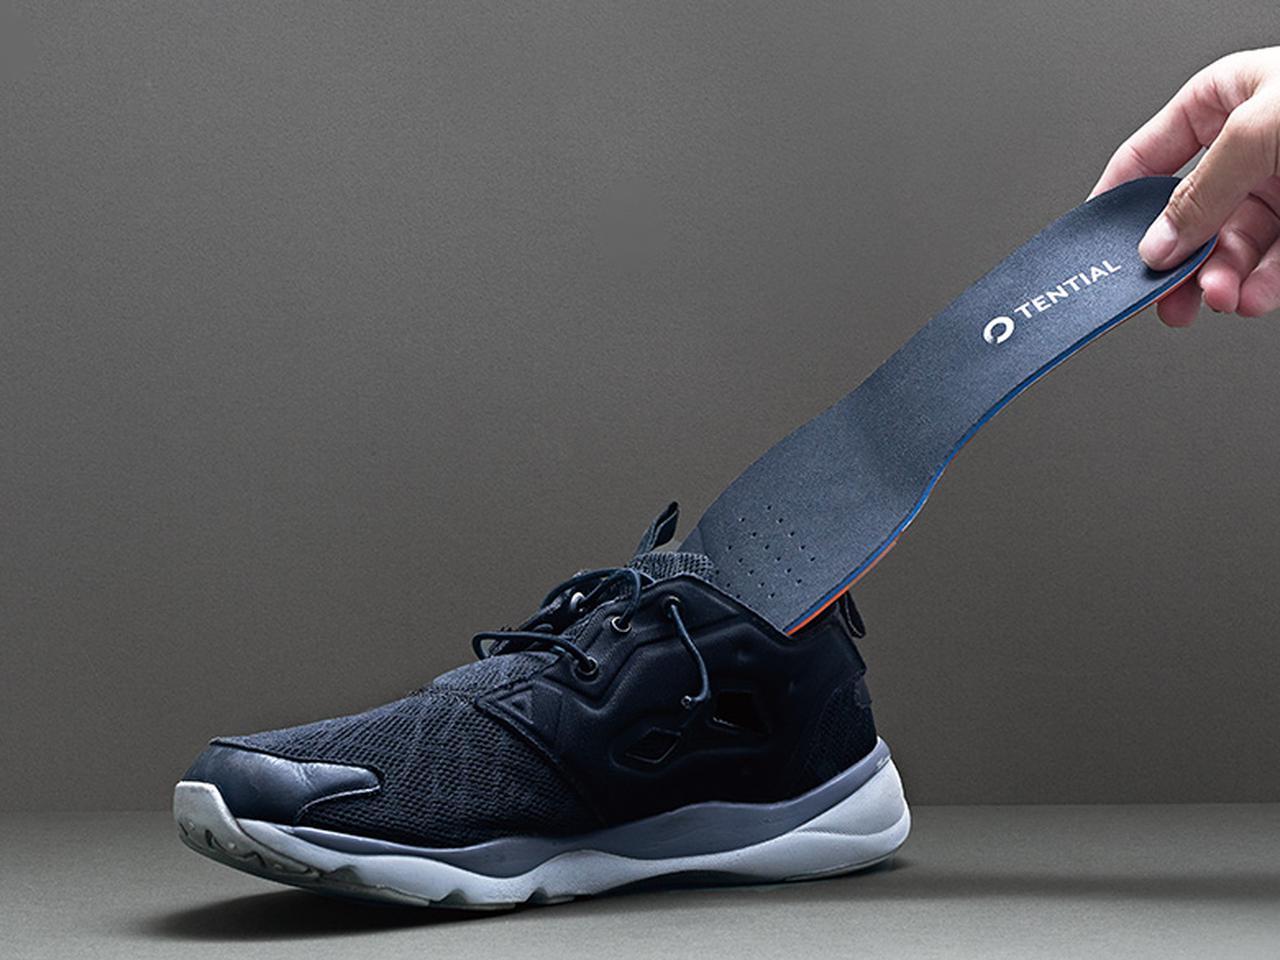 画像: ふだん履いている靴の中に入れるだけで日常の疲れ方が違ってくる。 スニーカーはもちろん、革のビジネスシューズに使うのもおすすめ 。